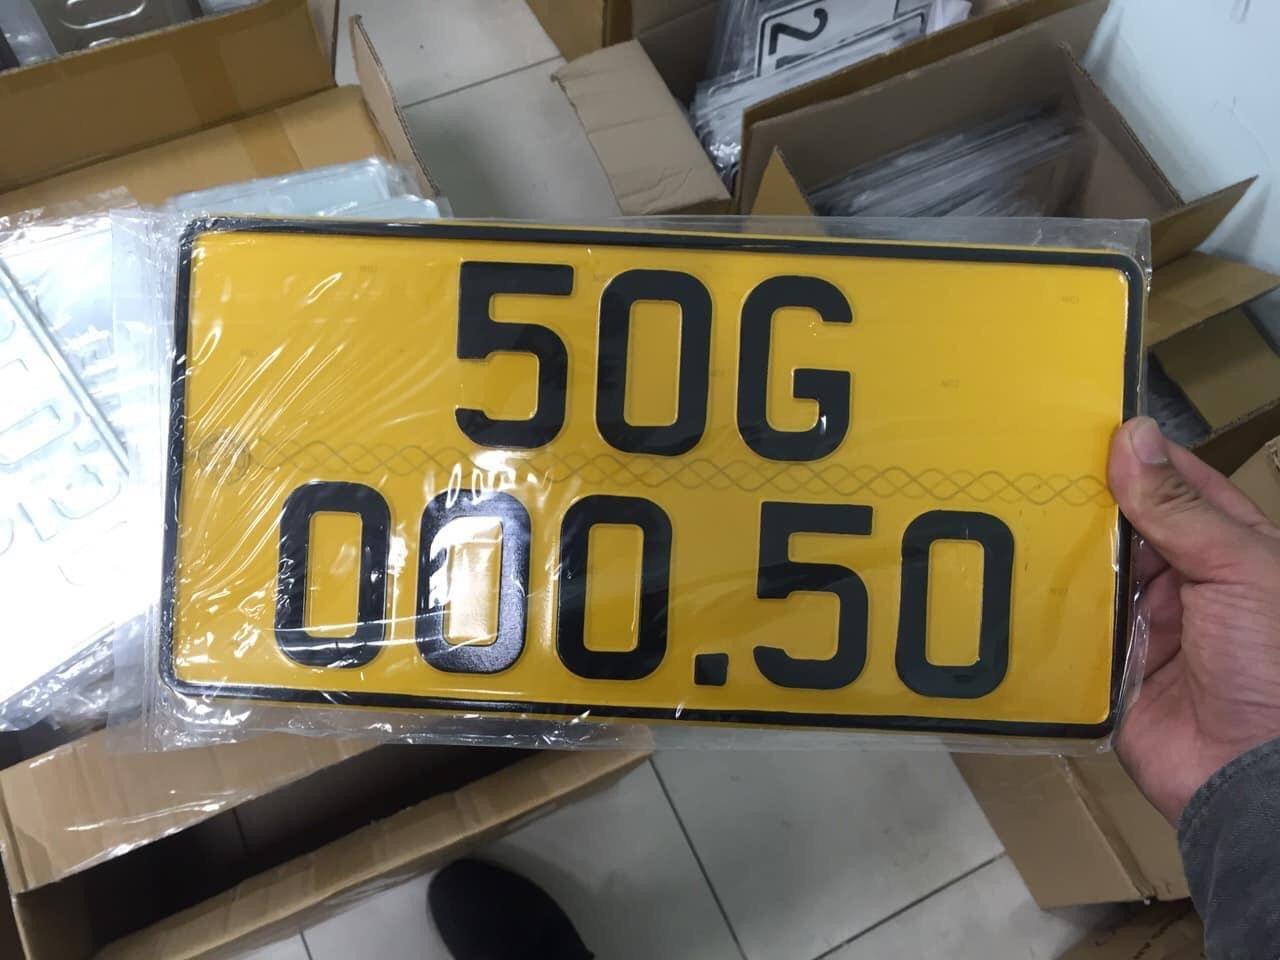 Đổi biển số xe màu vàng có được giữ nguyên số hay không?